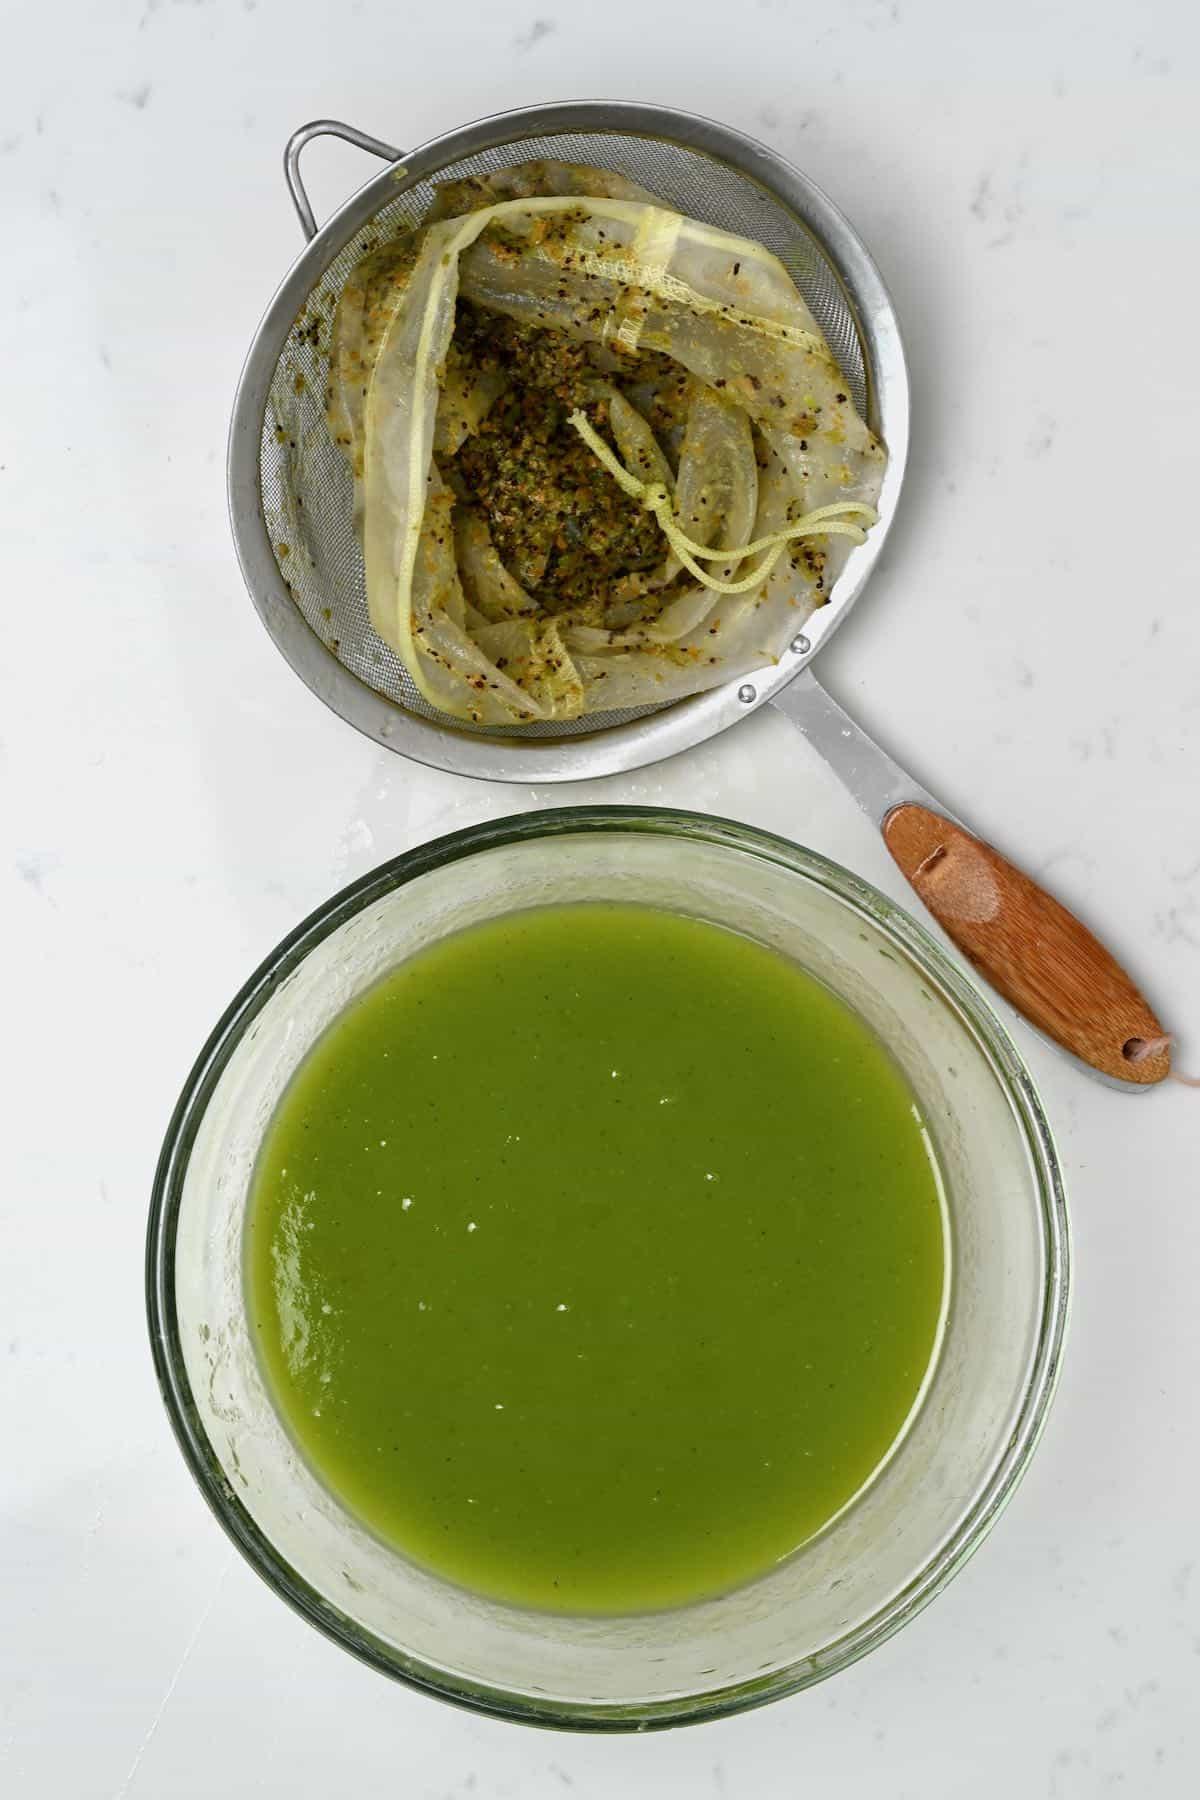 Sieved kiwi juice